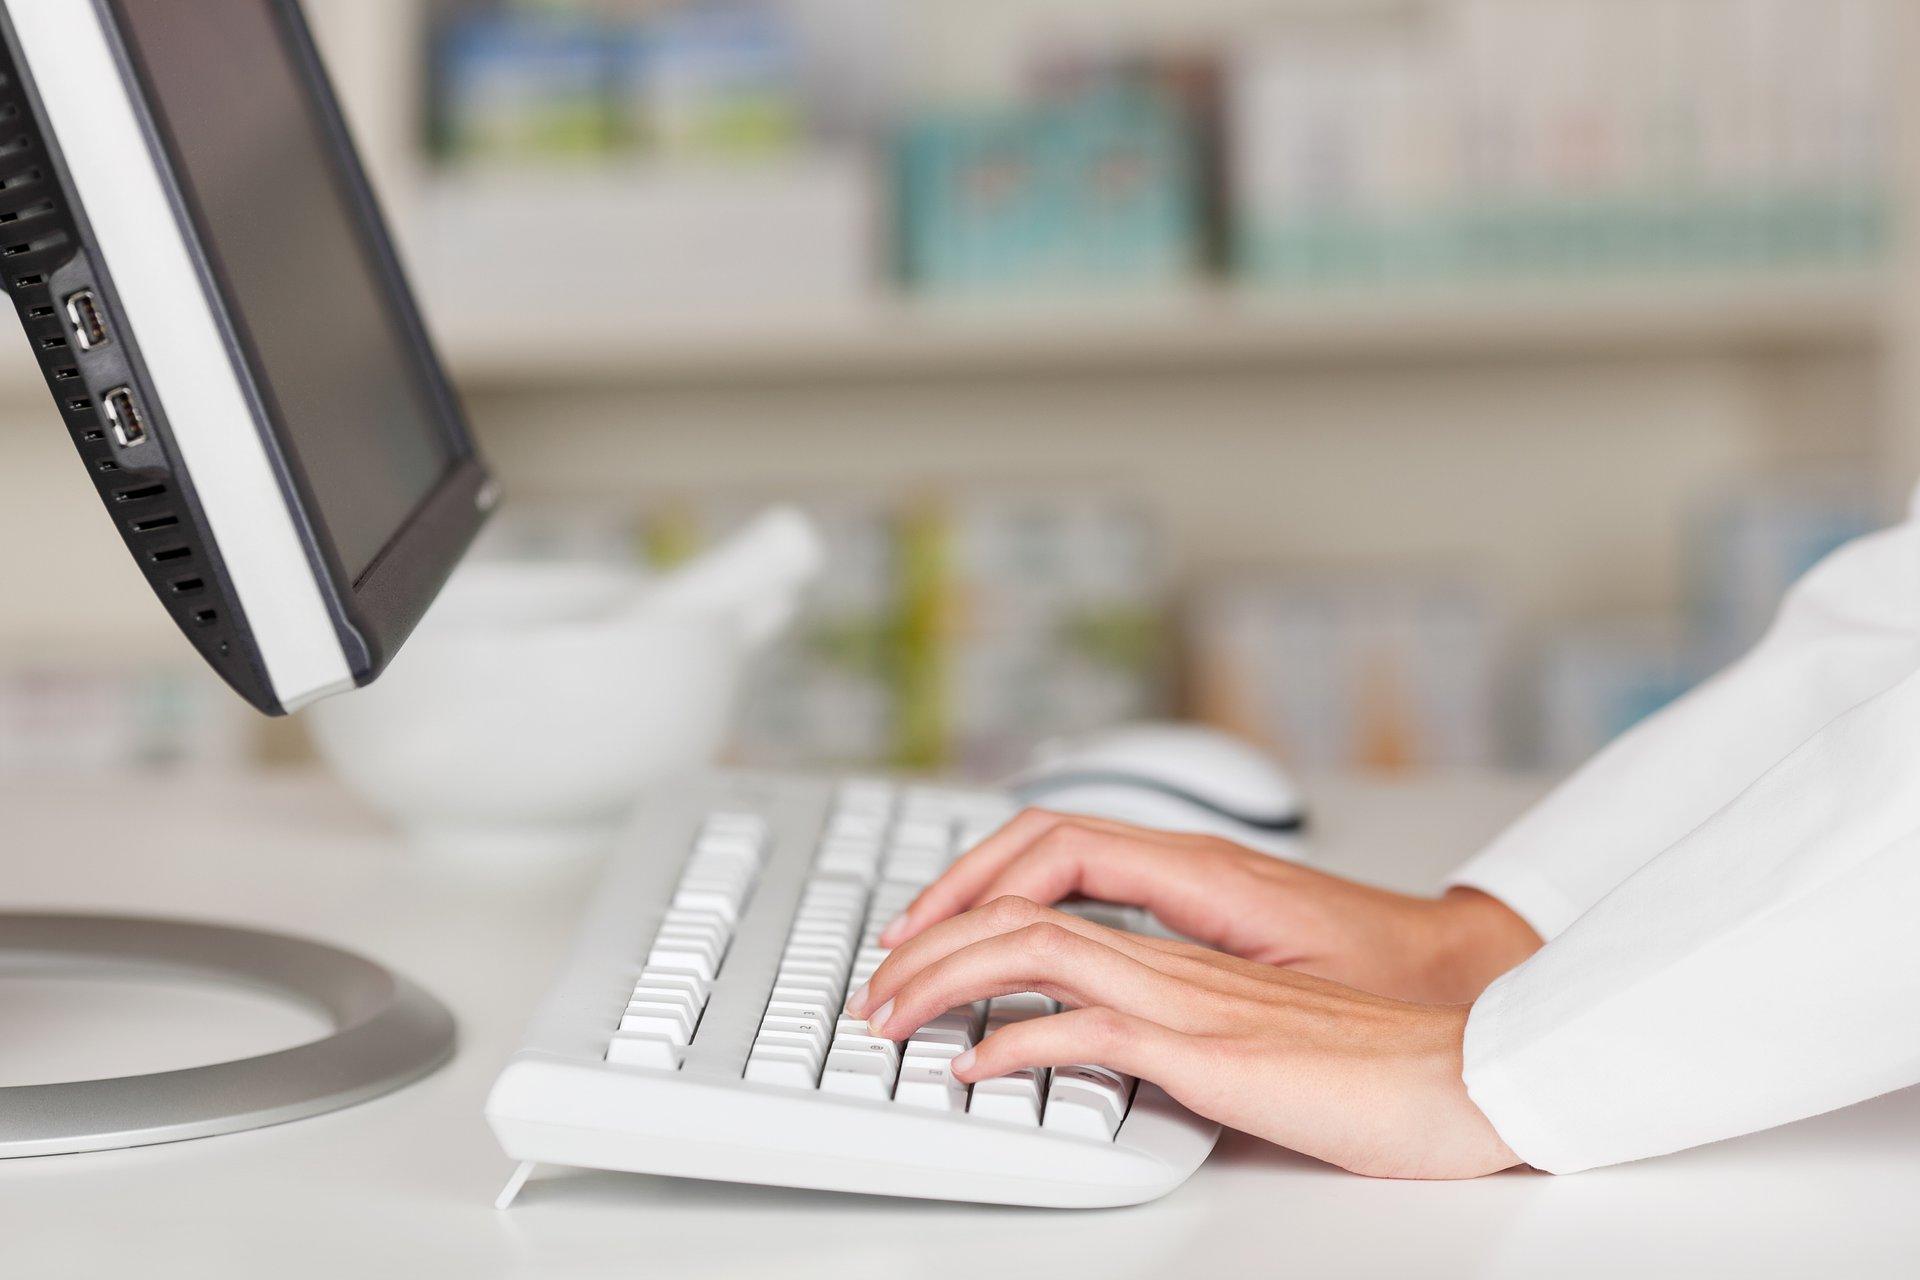 Wyjaśnienia i zestawiania dotyczące informacji przekazywanych przez PLMVO do systemów aptecznych